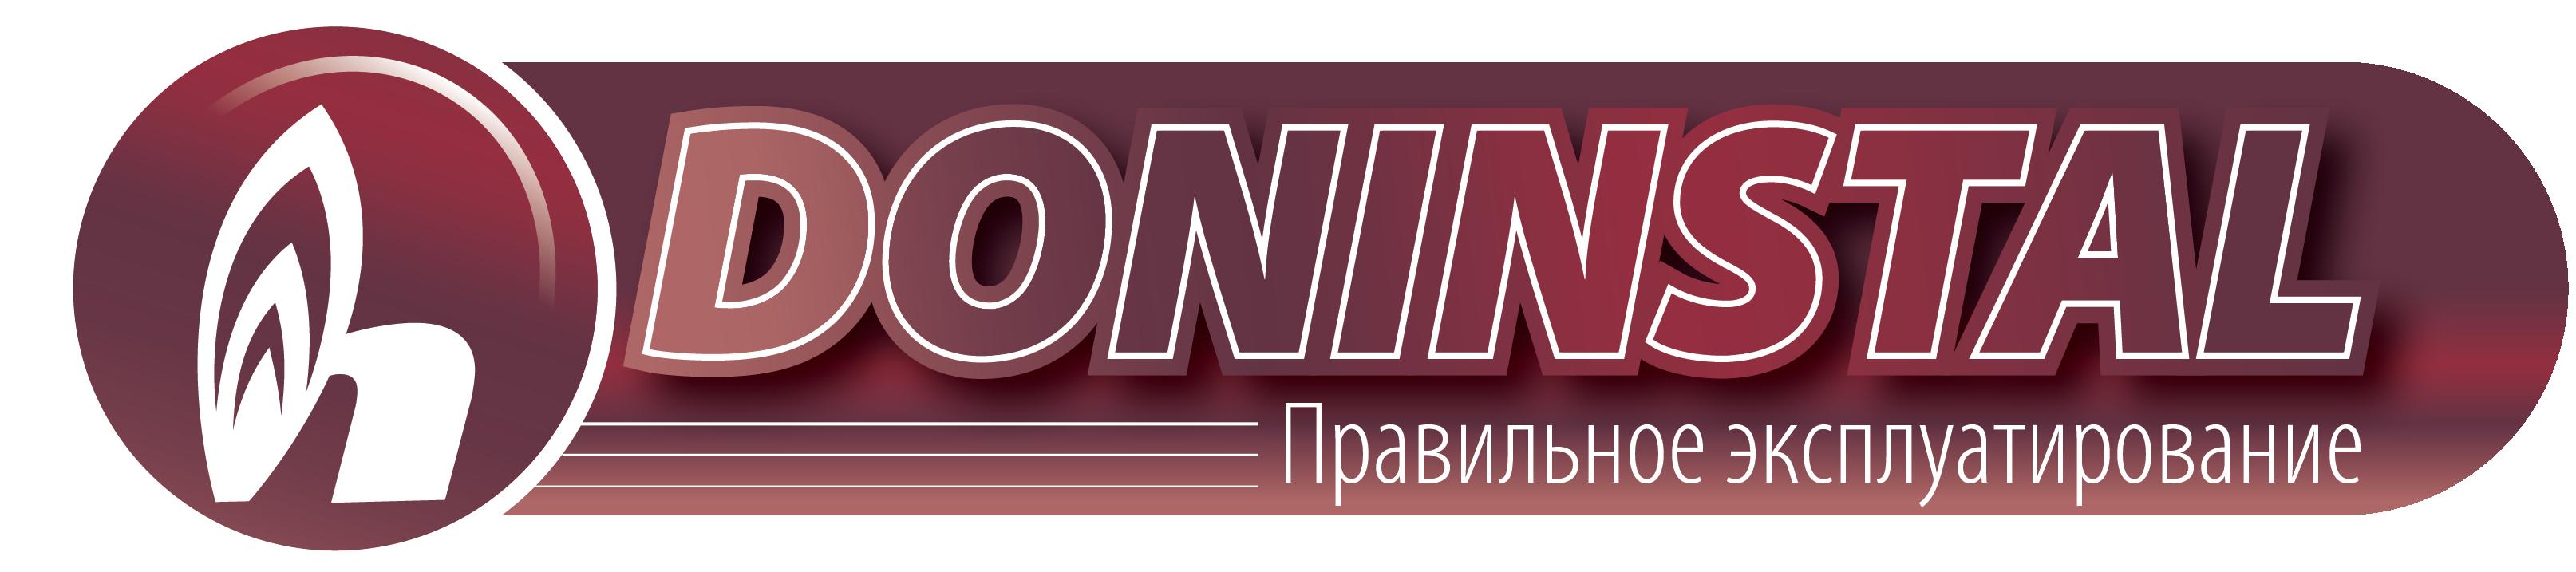 Запчасти для газовых котлов и колонок doninstal.ru